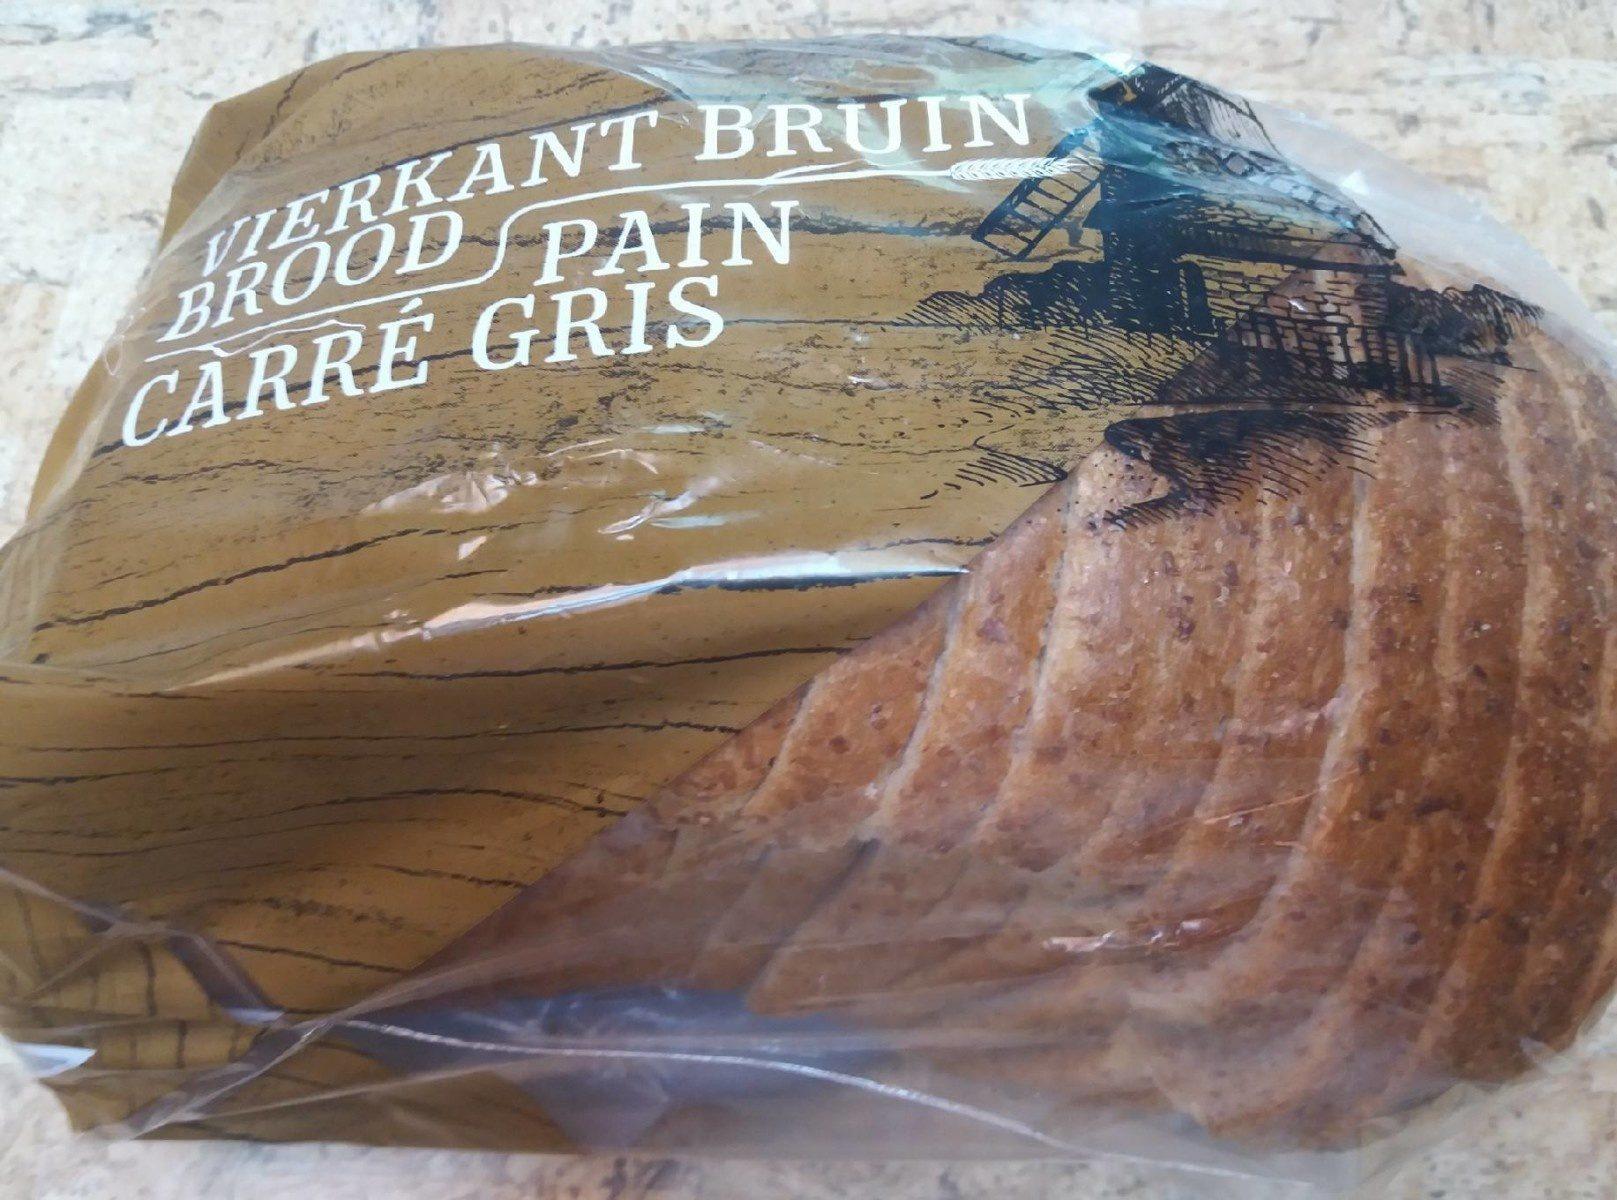 Pain carré gris - Product